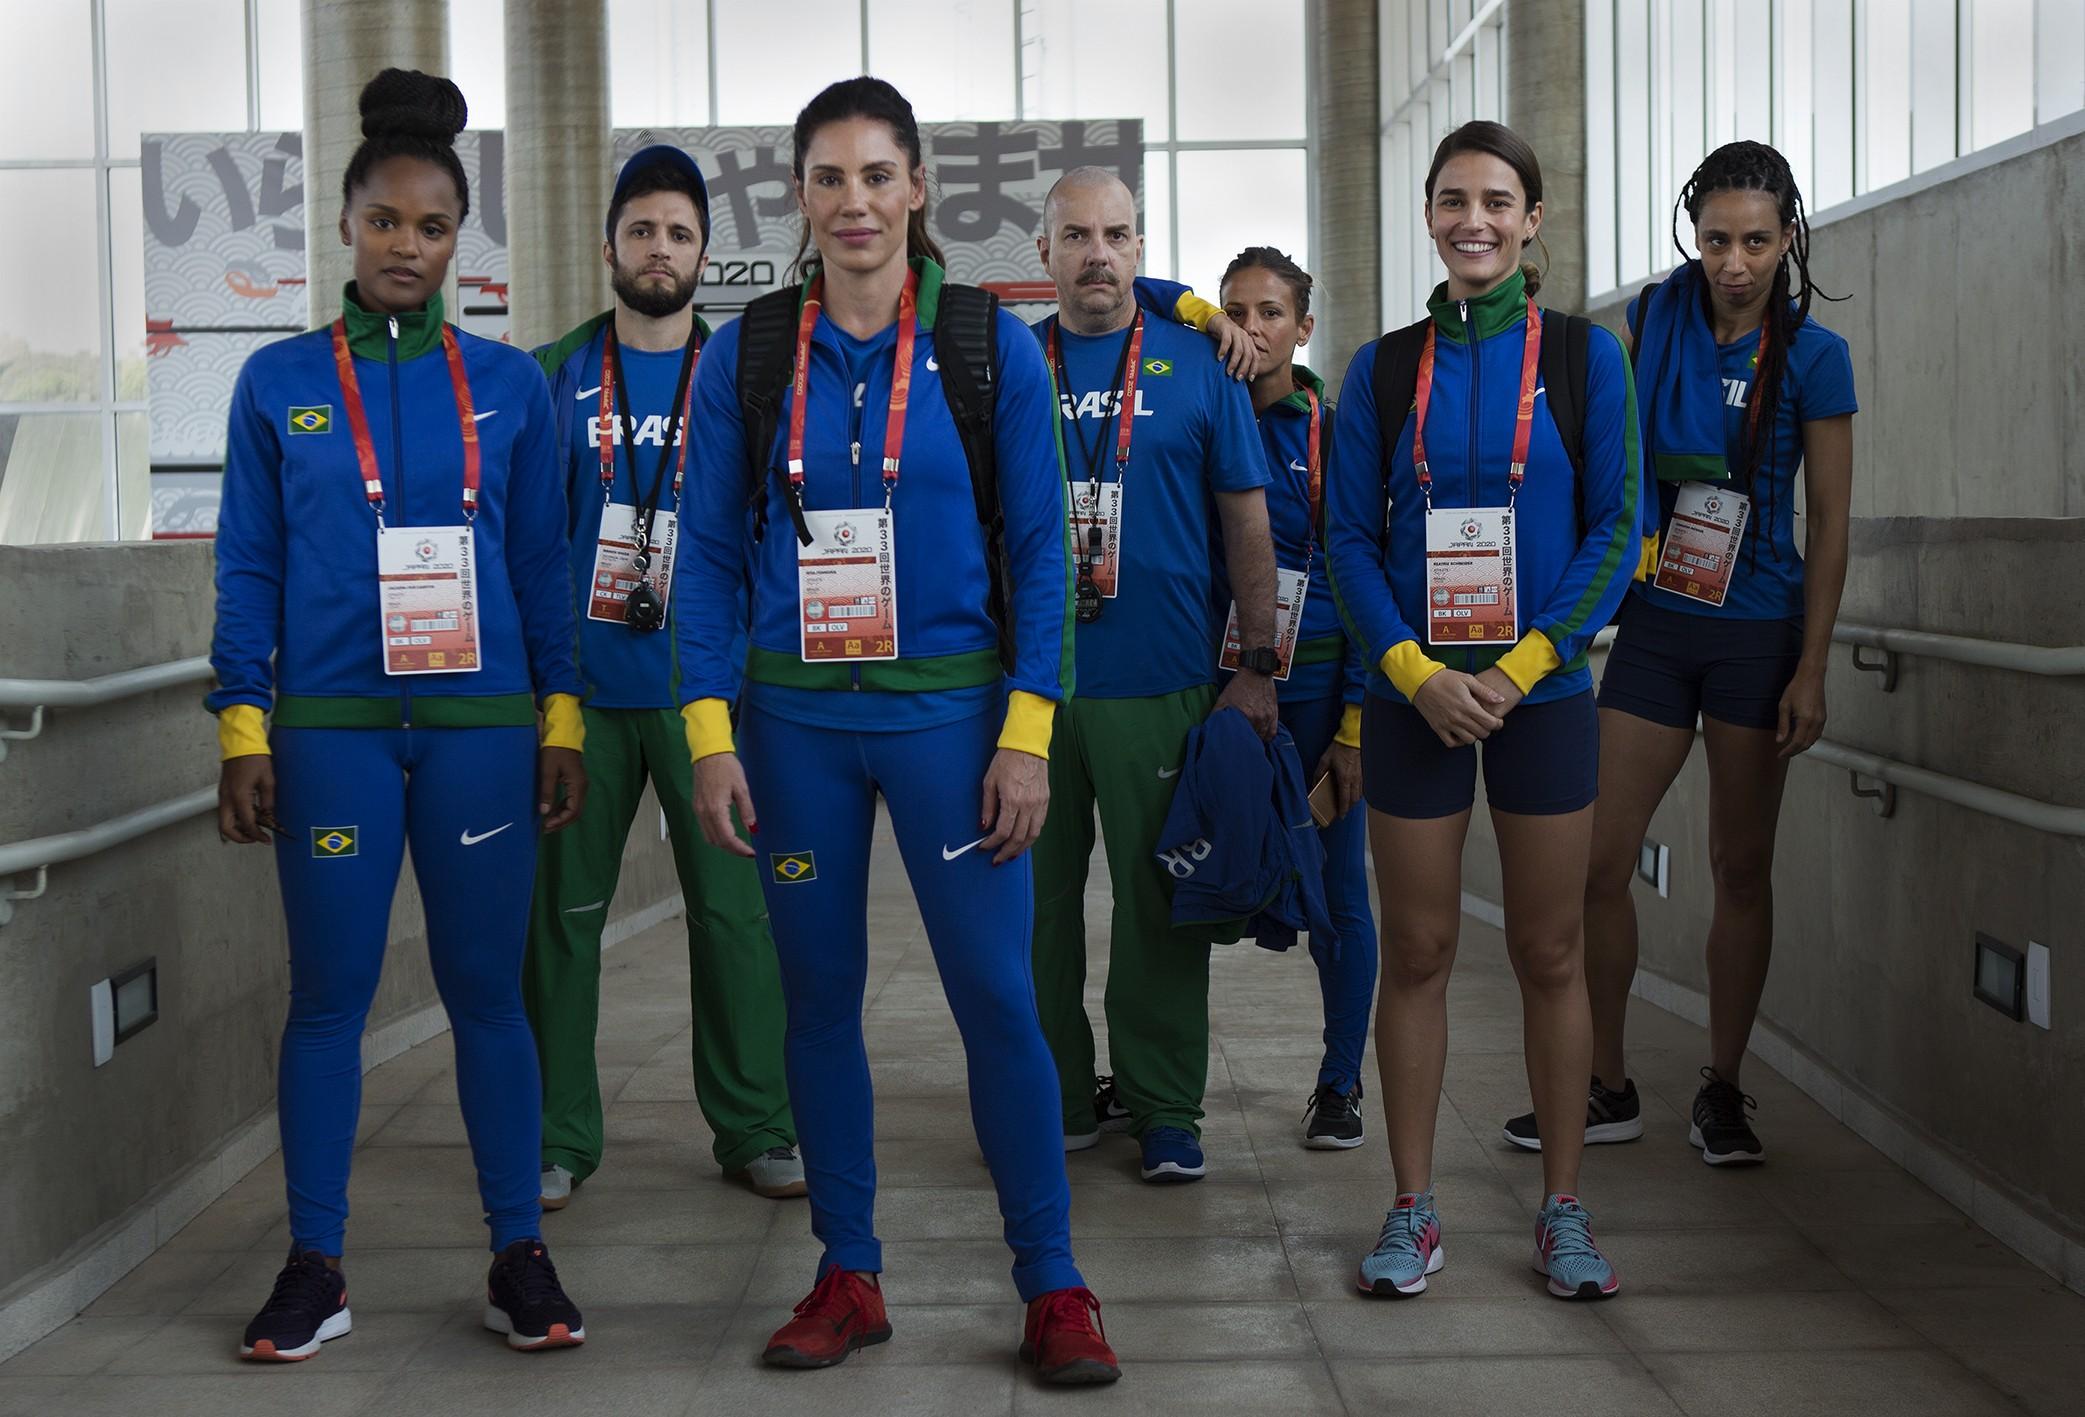 '4 x 100 - Correndo por um sonho' une Thalita Carauta e Fernanda de Freitas em drama comovente sobre esporte feminino